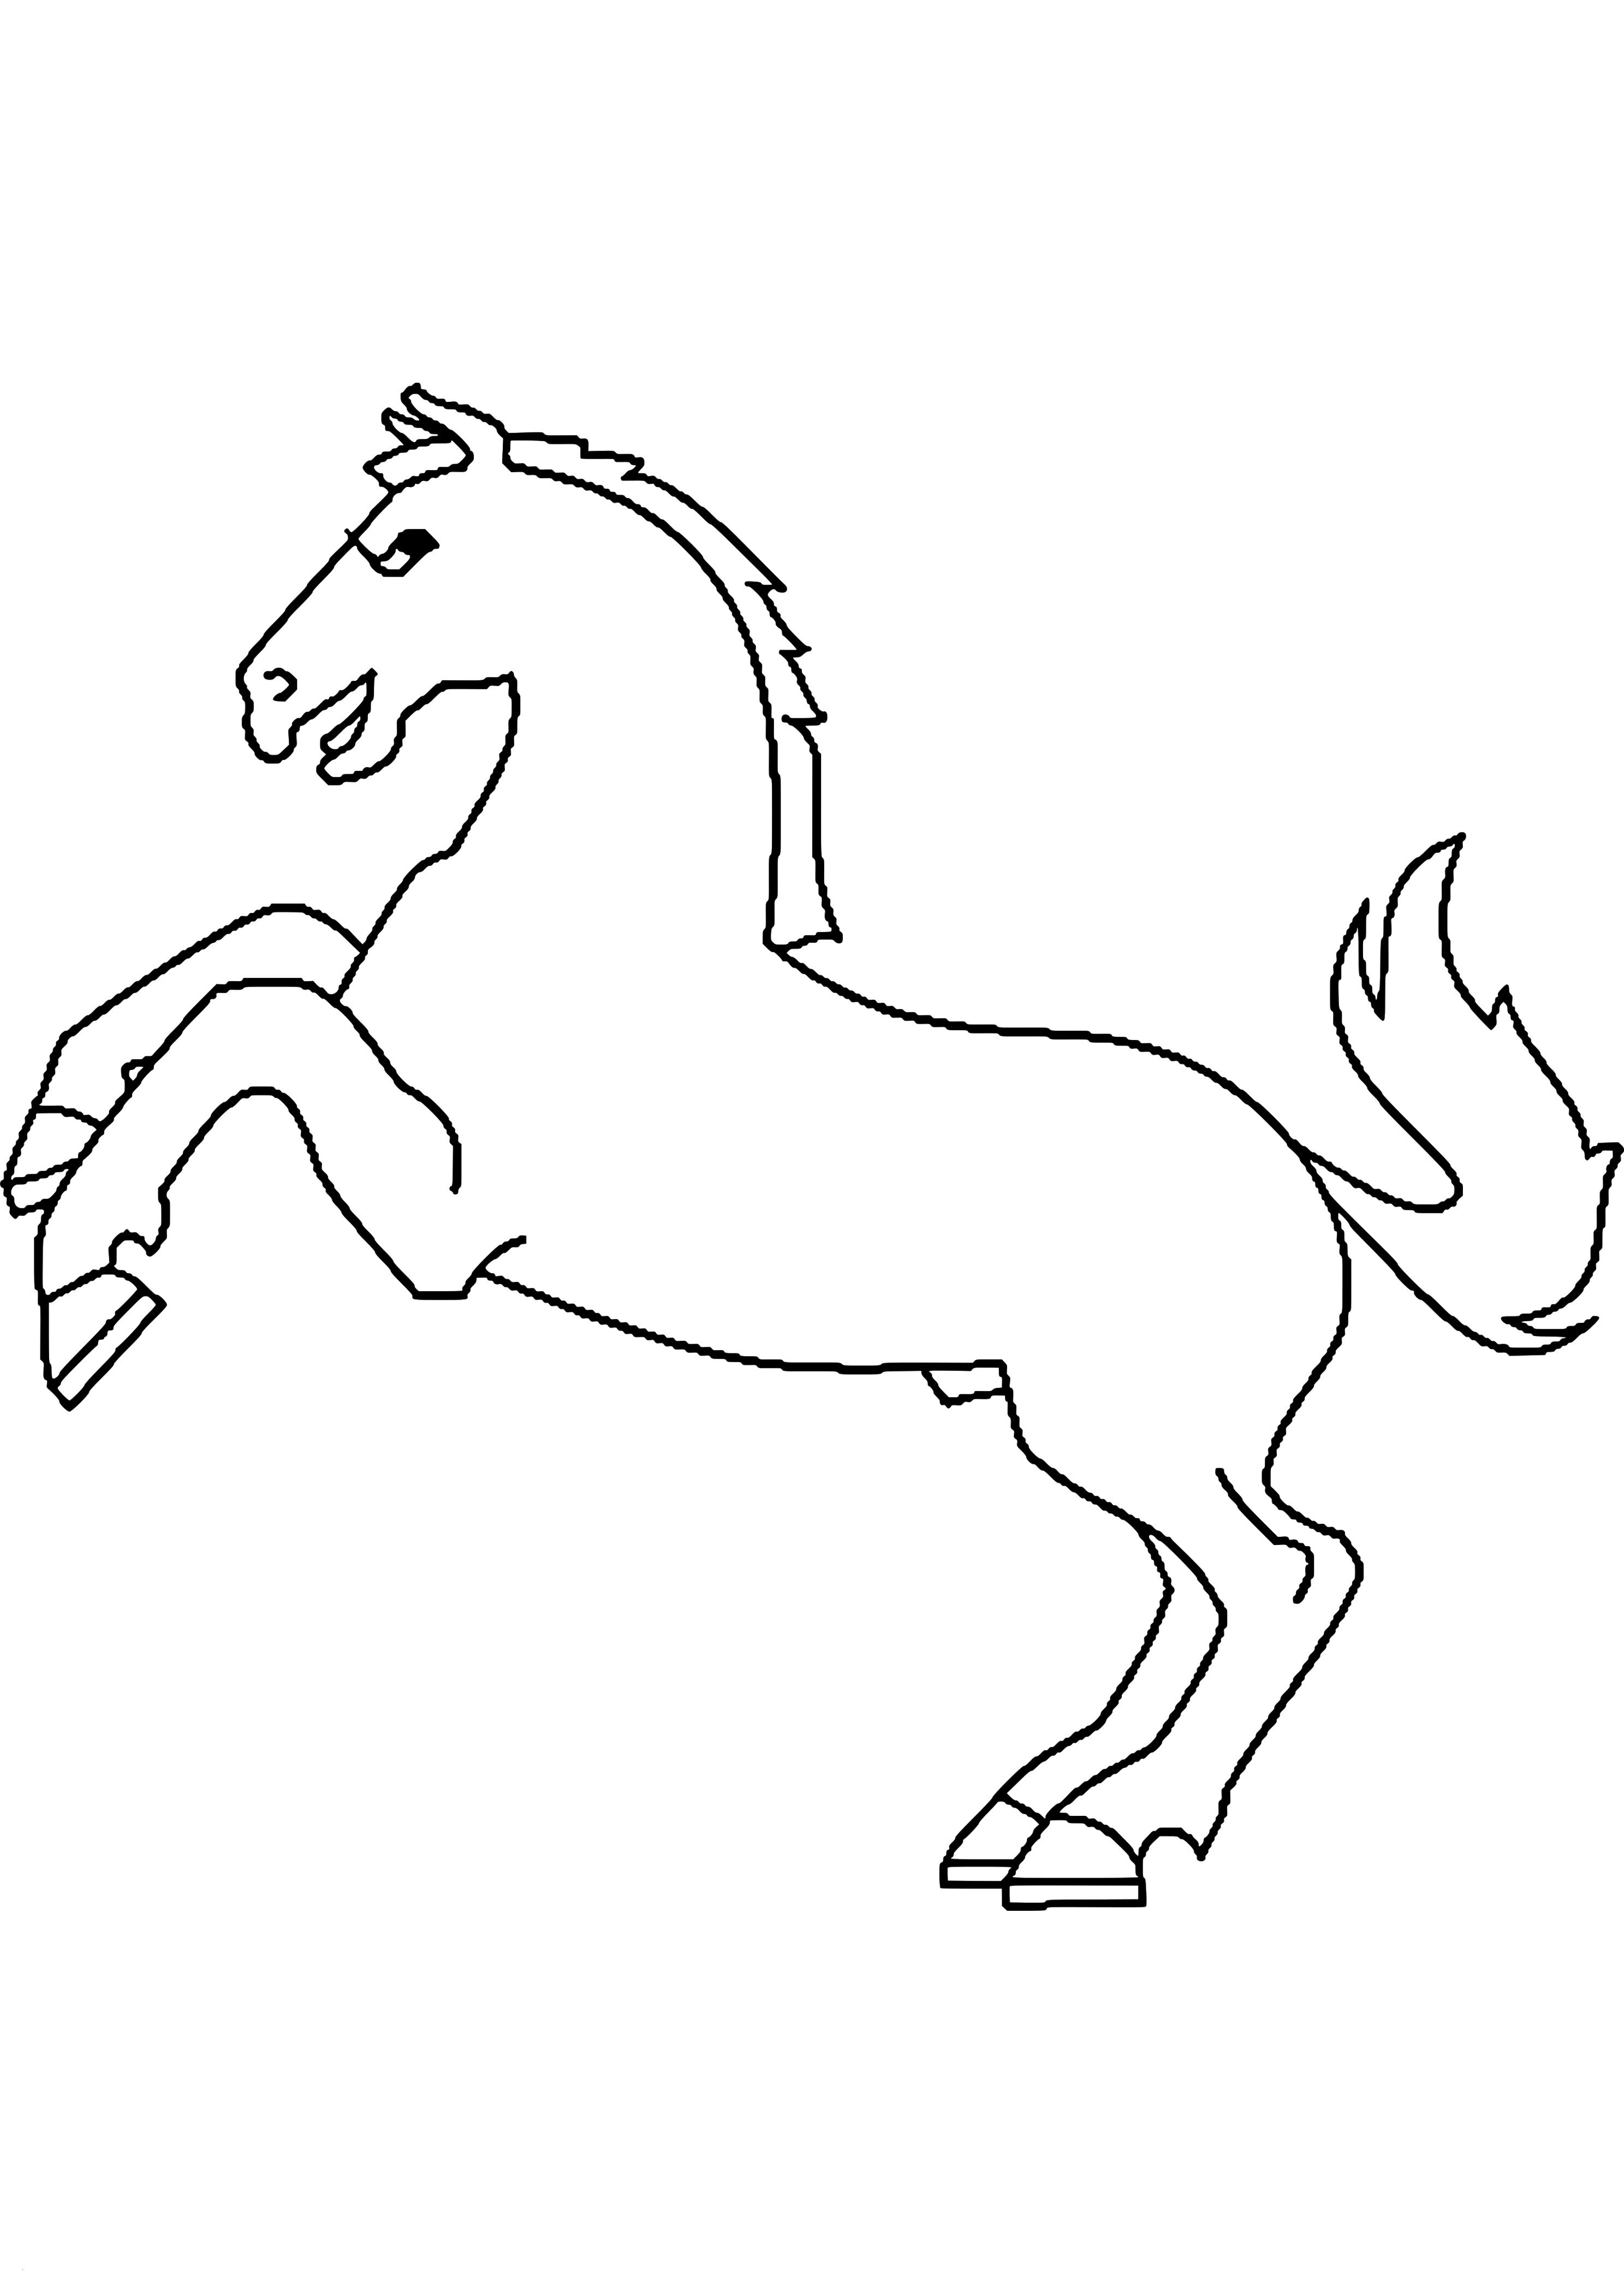 Ausmalbilder Pferde Mit Fohlen Frisch 48 Best Kostenlose Ausmalbilder Pferde Malvorlagen Sammlungen Galerie